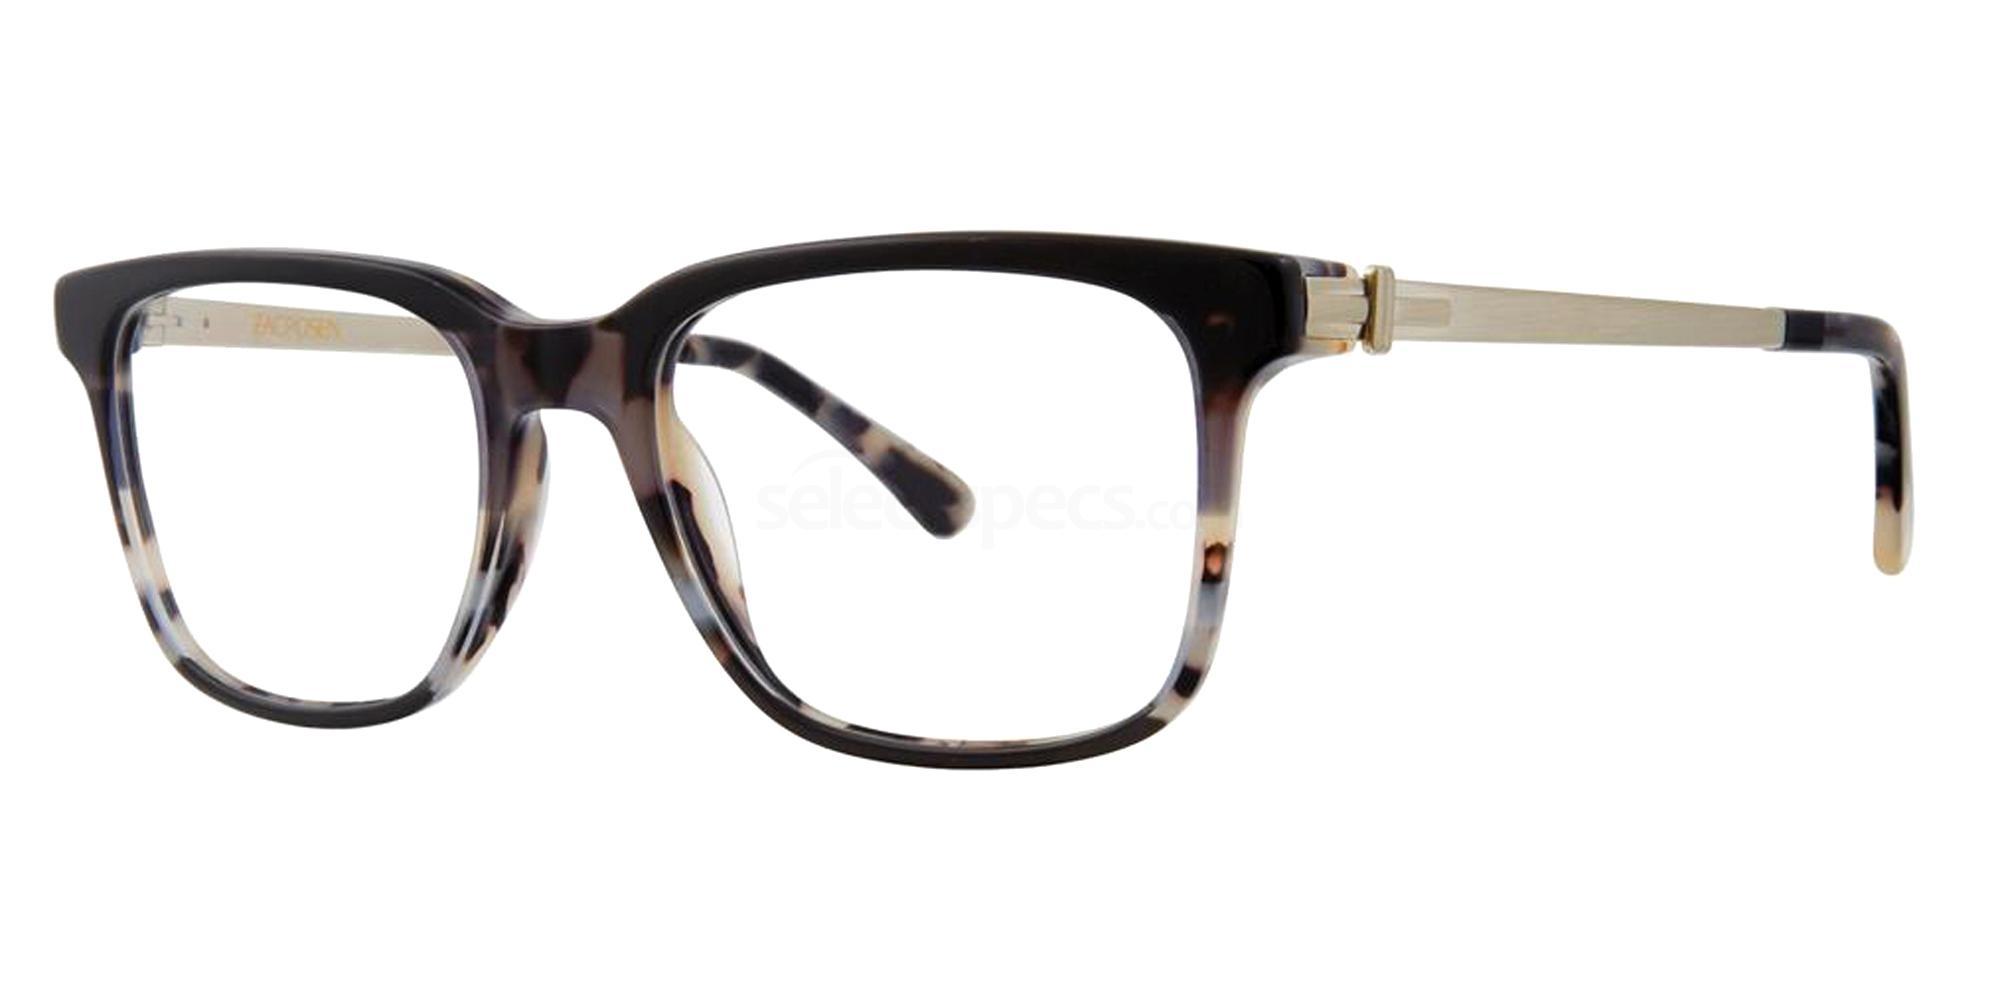 Charcoal Tortoise DENIRO Glasses, Zac Posen